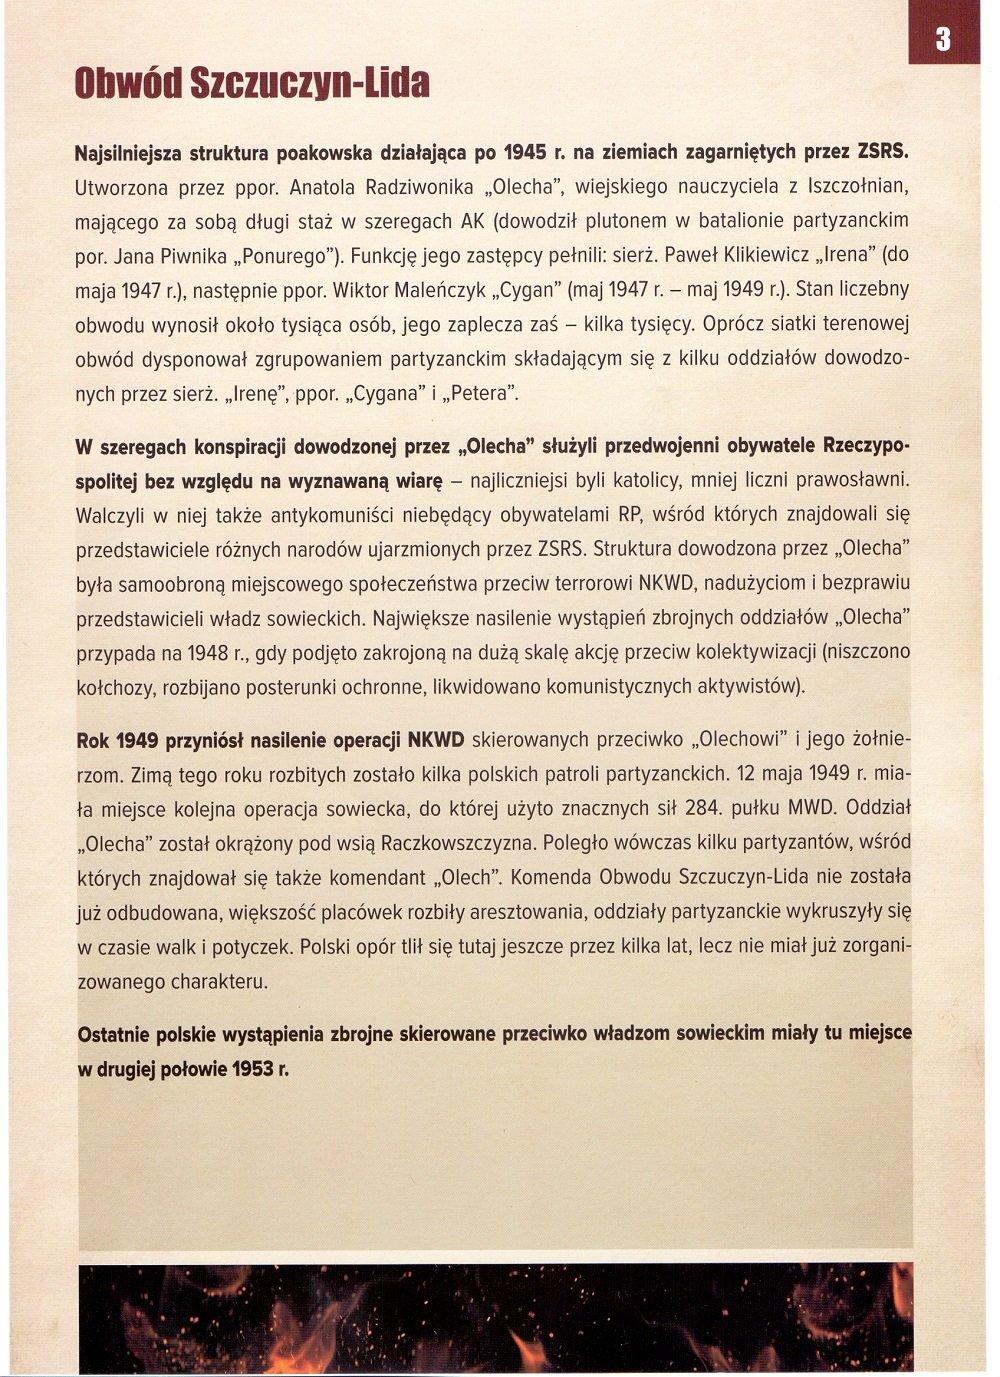 zdj-4.jpg